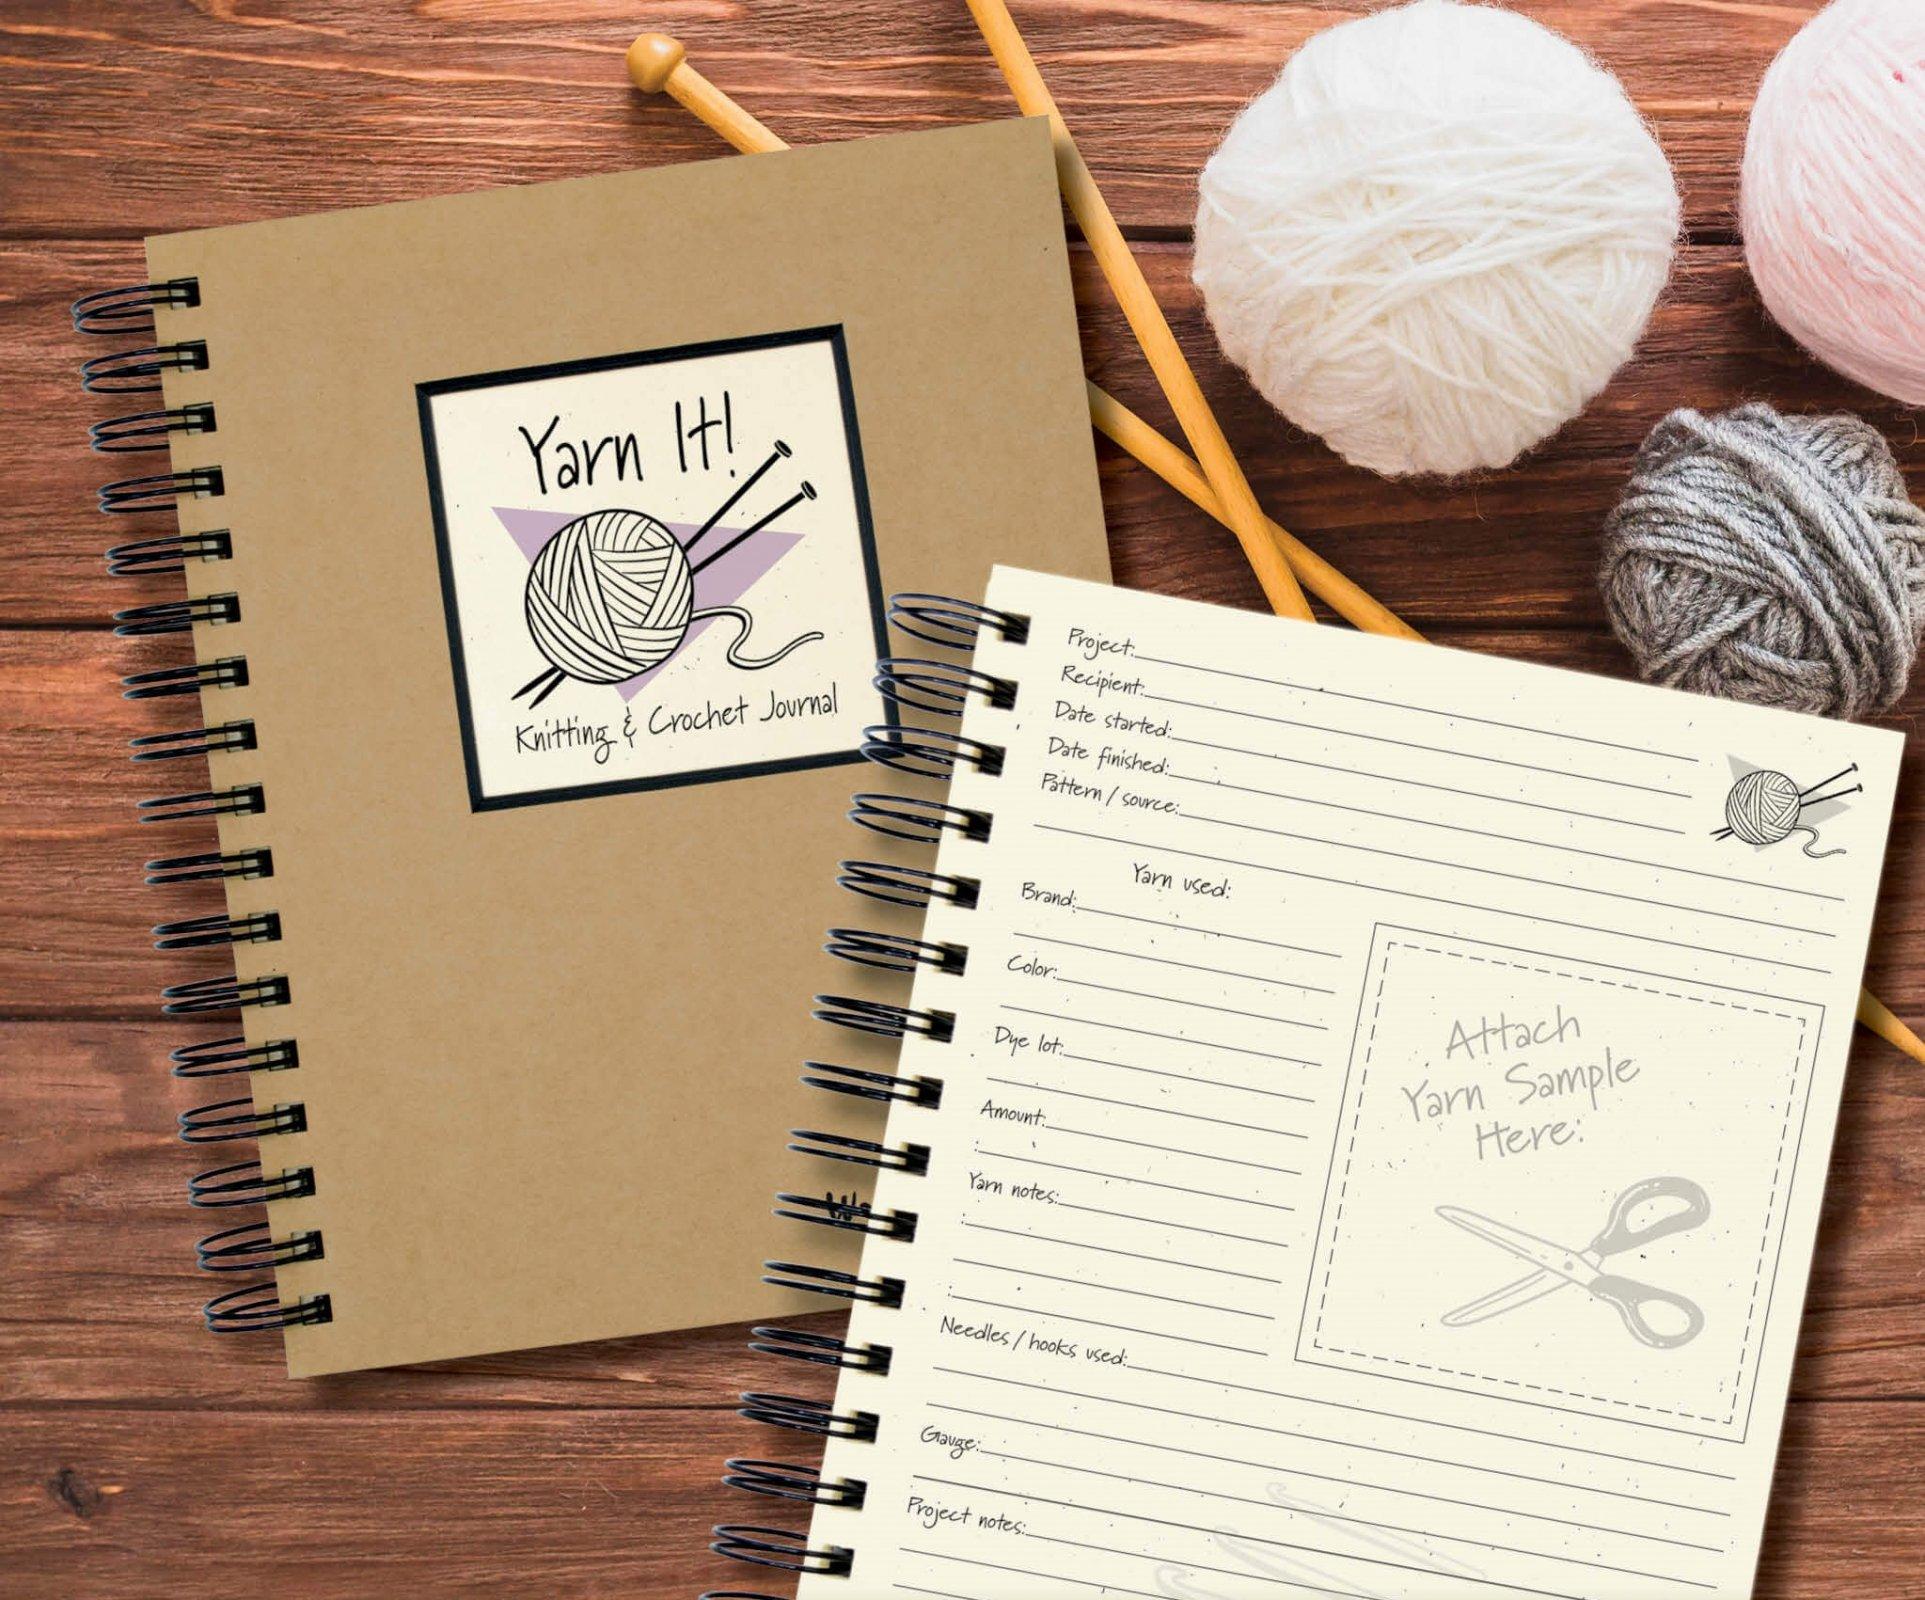 Journal - Yarn-it